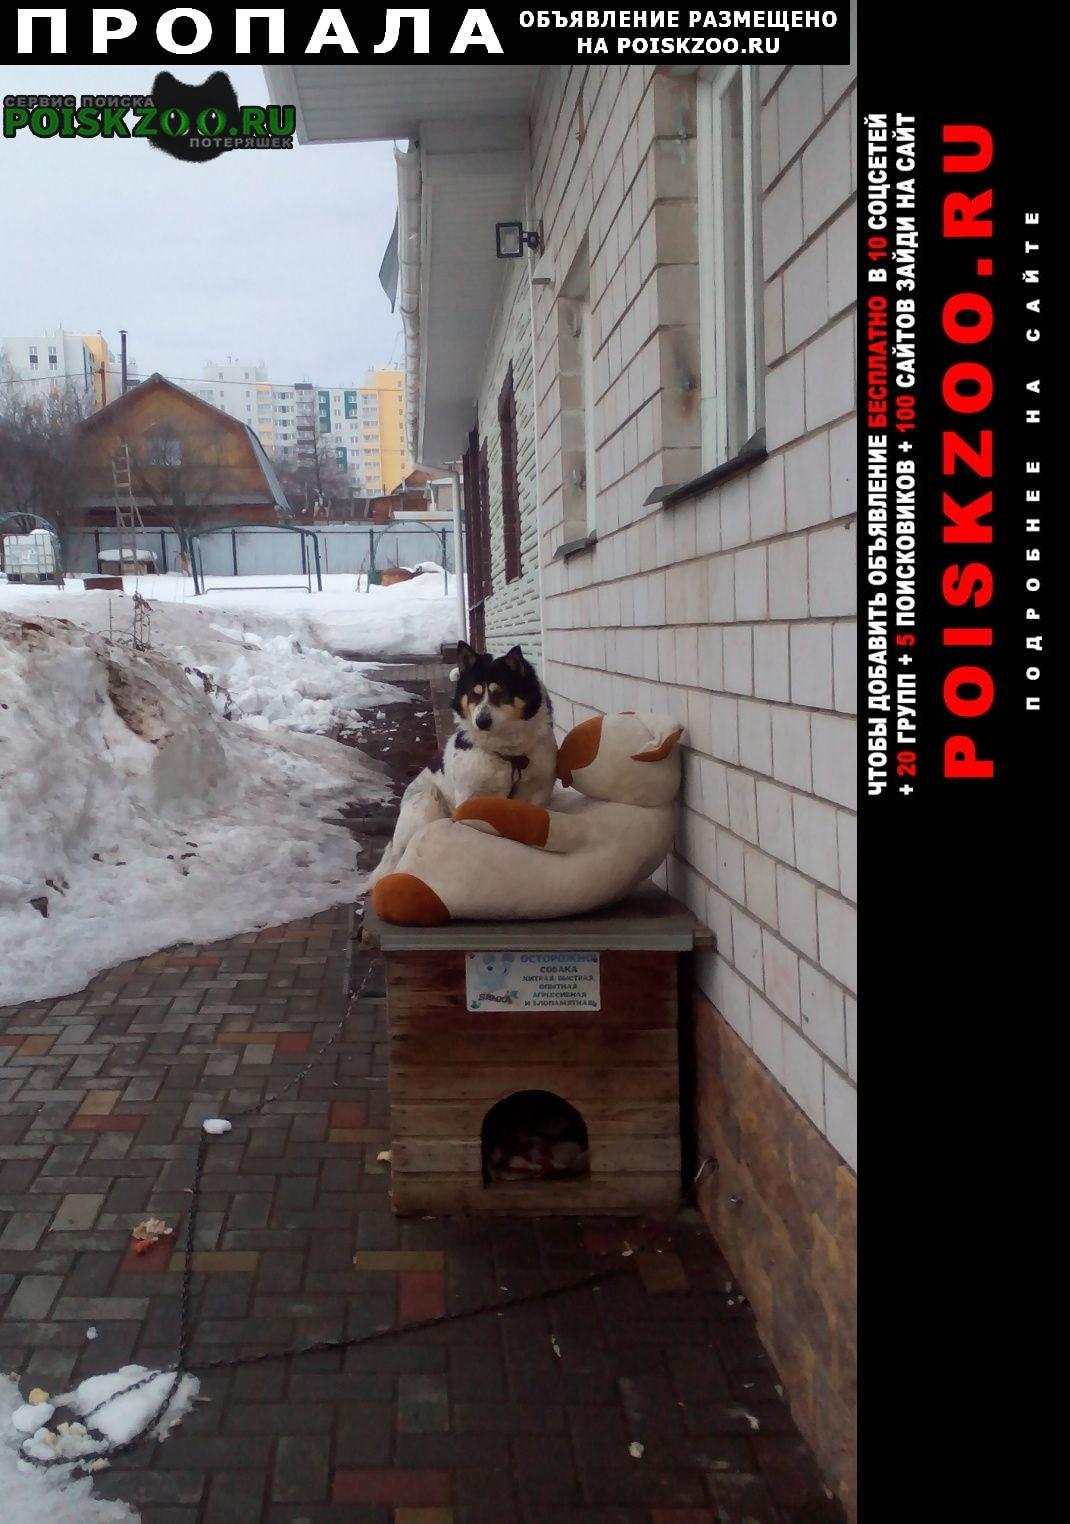 Пропала собака кобель Ижевск